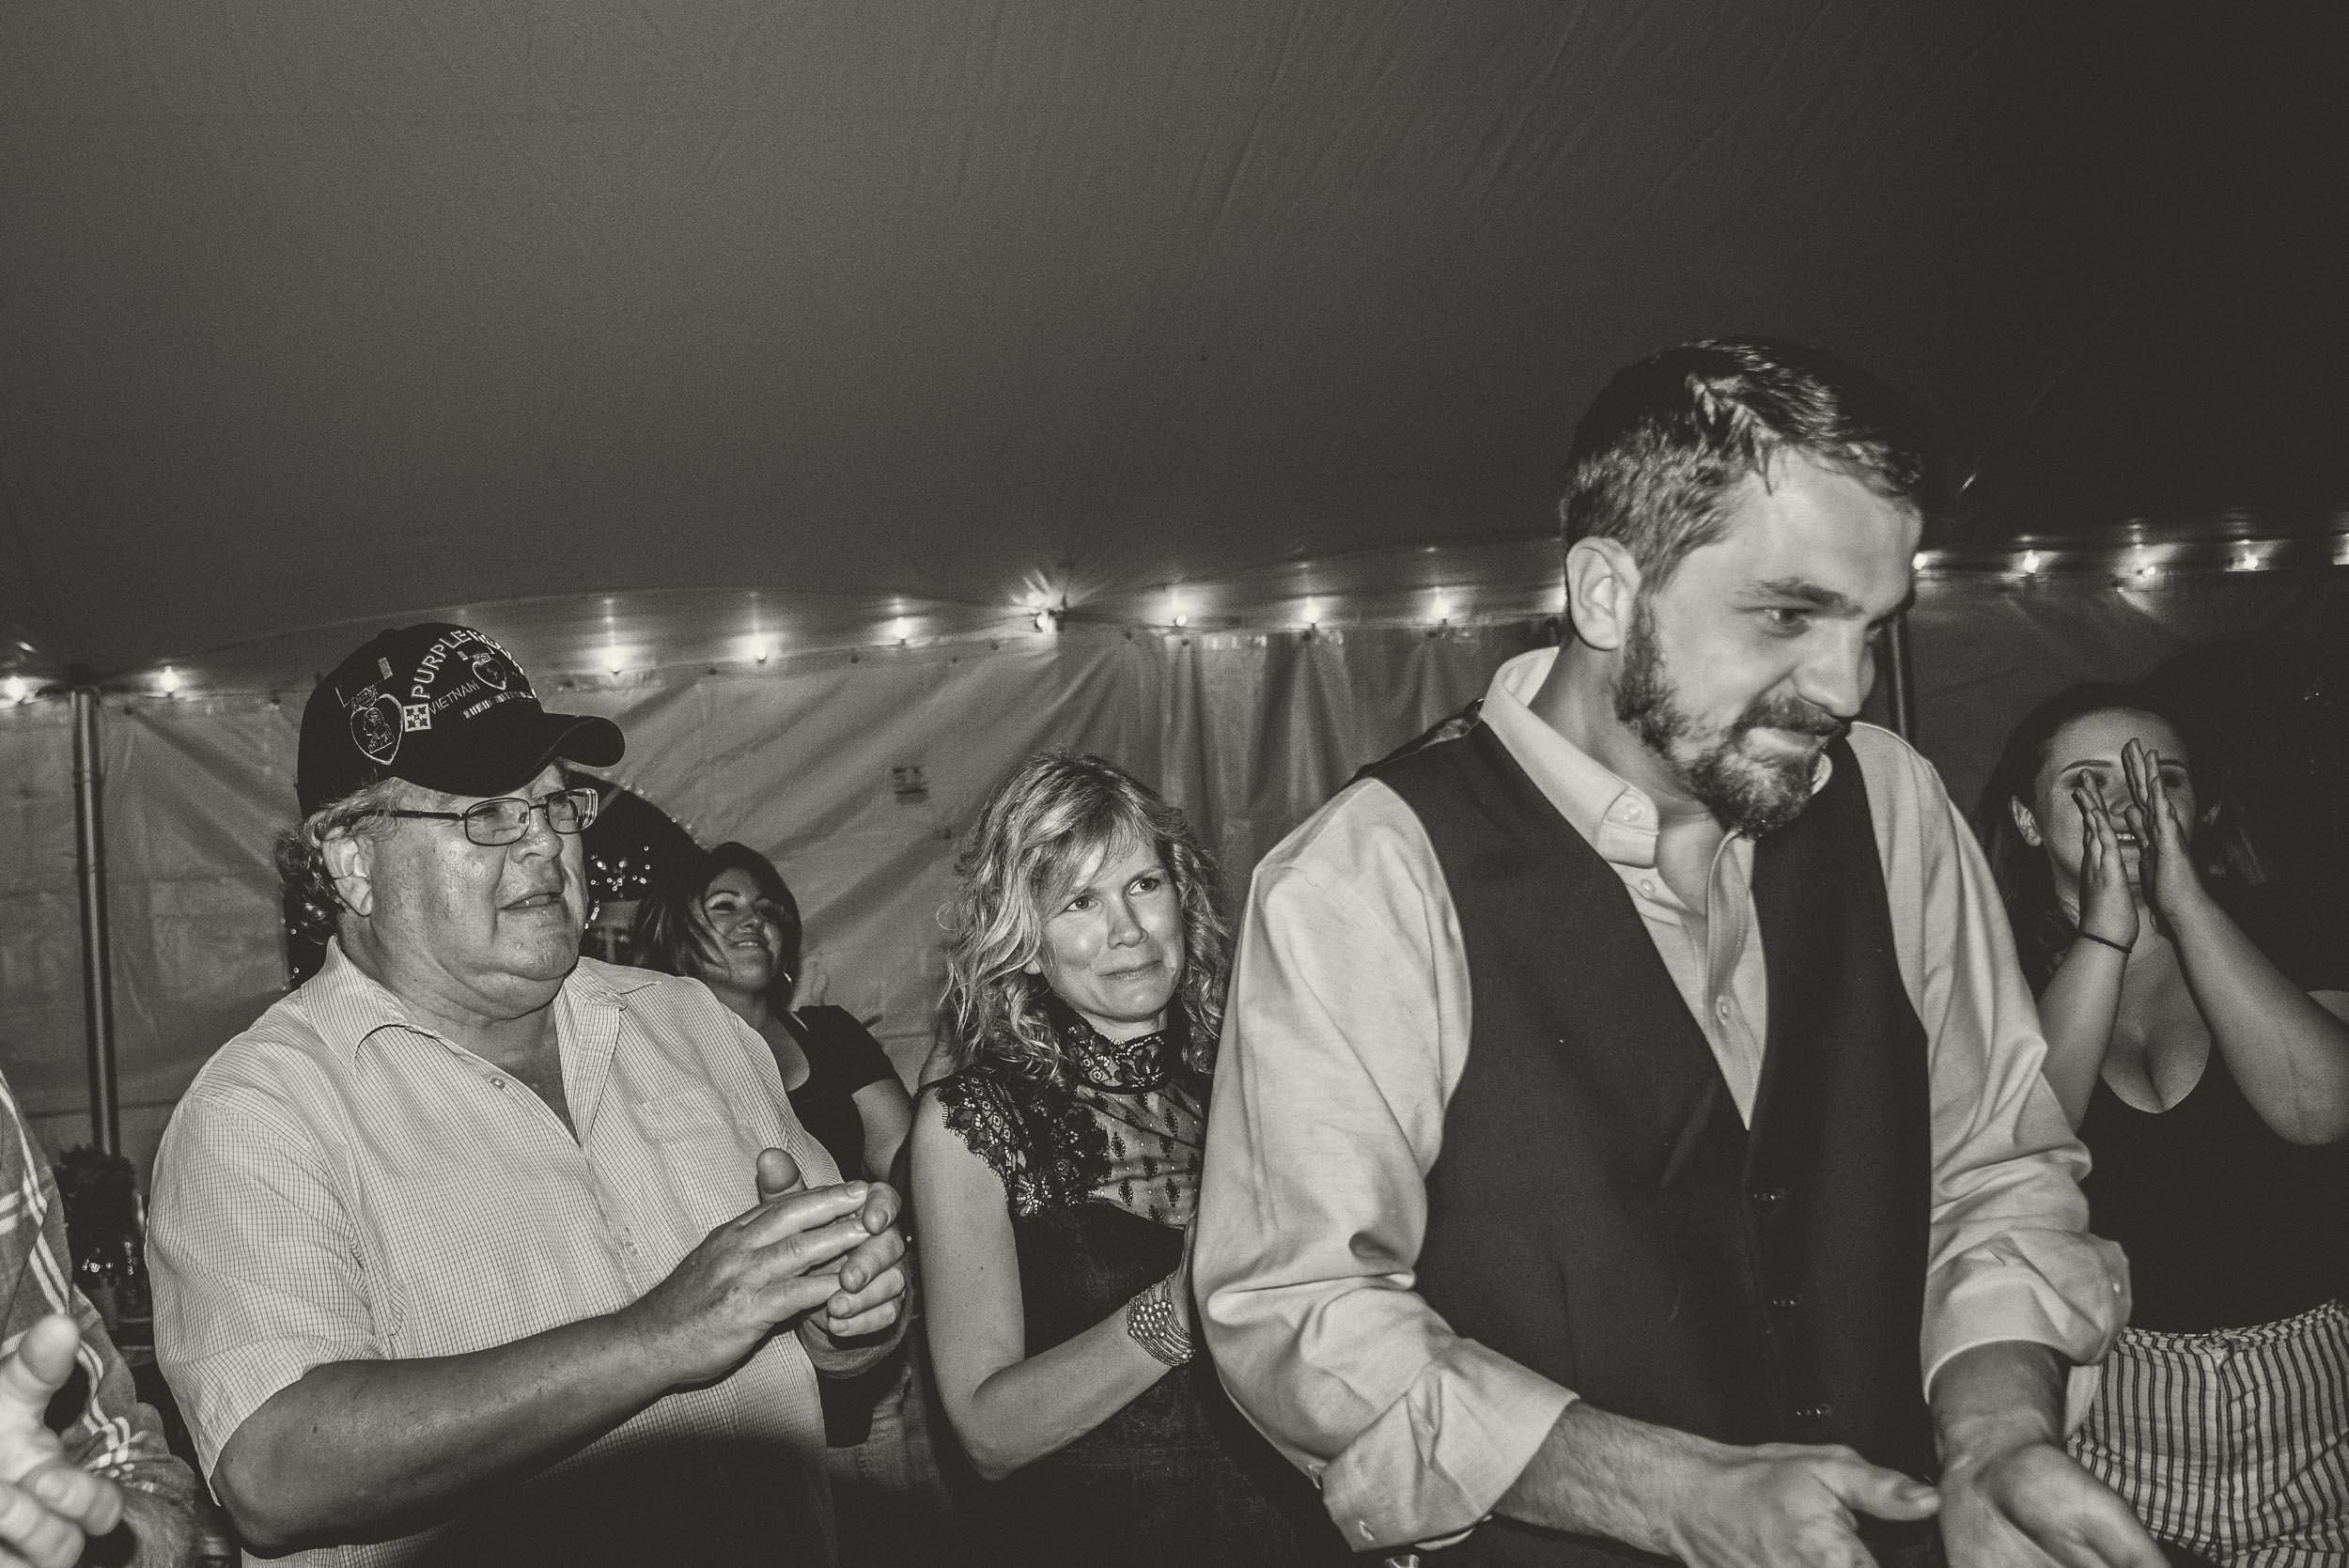 ChanceandMelanie_Dunkirk_Southern_Maryland_Backyard_DYI_Wedding(60of65).jpg